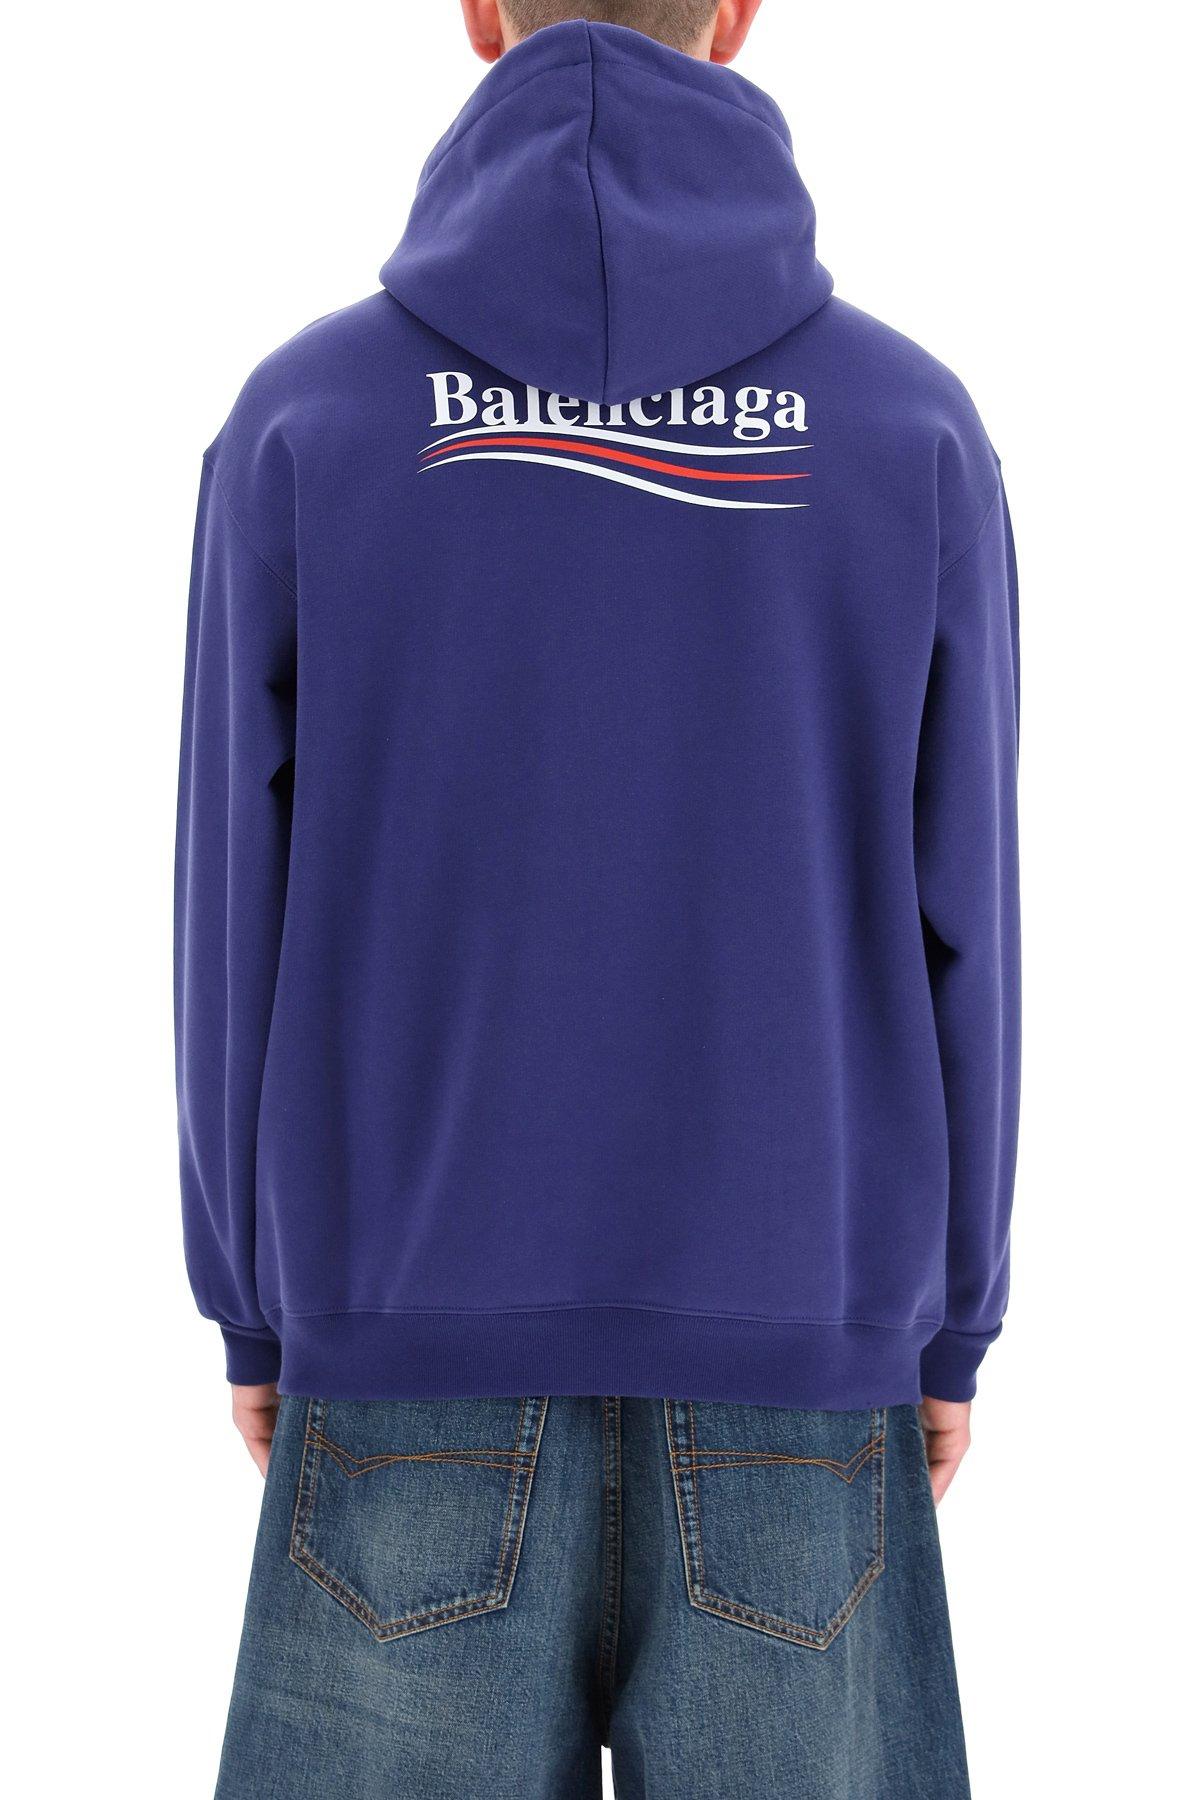 Balenciaga felpa cappuccio logo political campaign